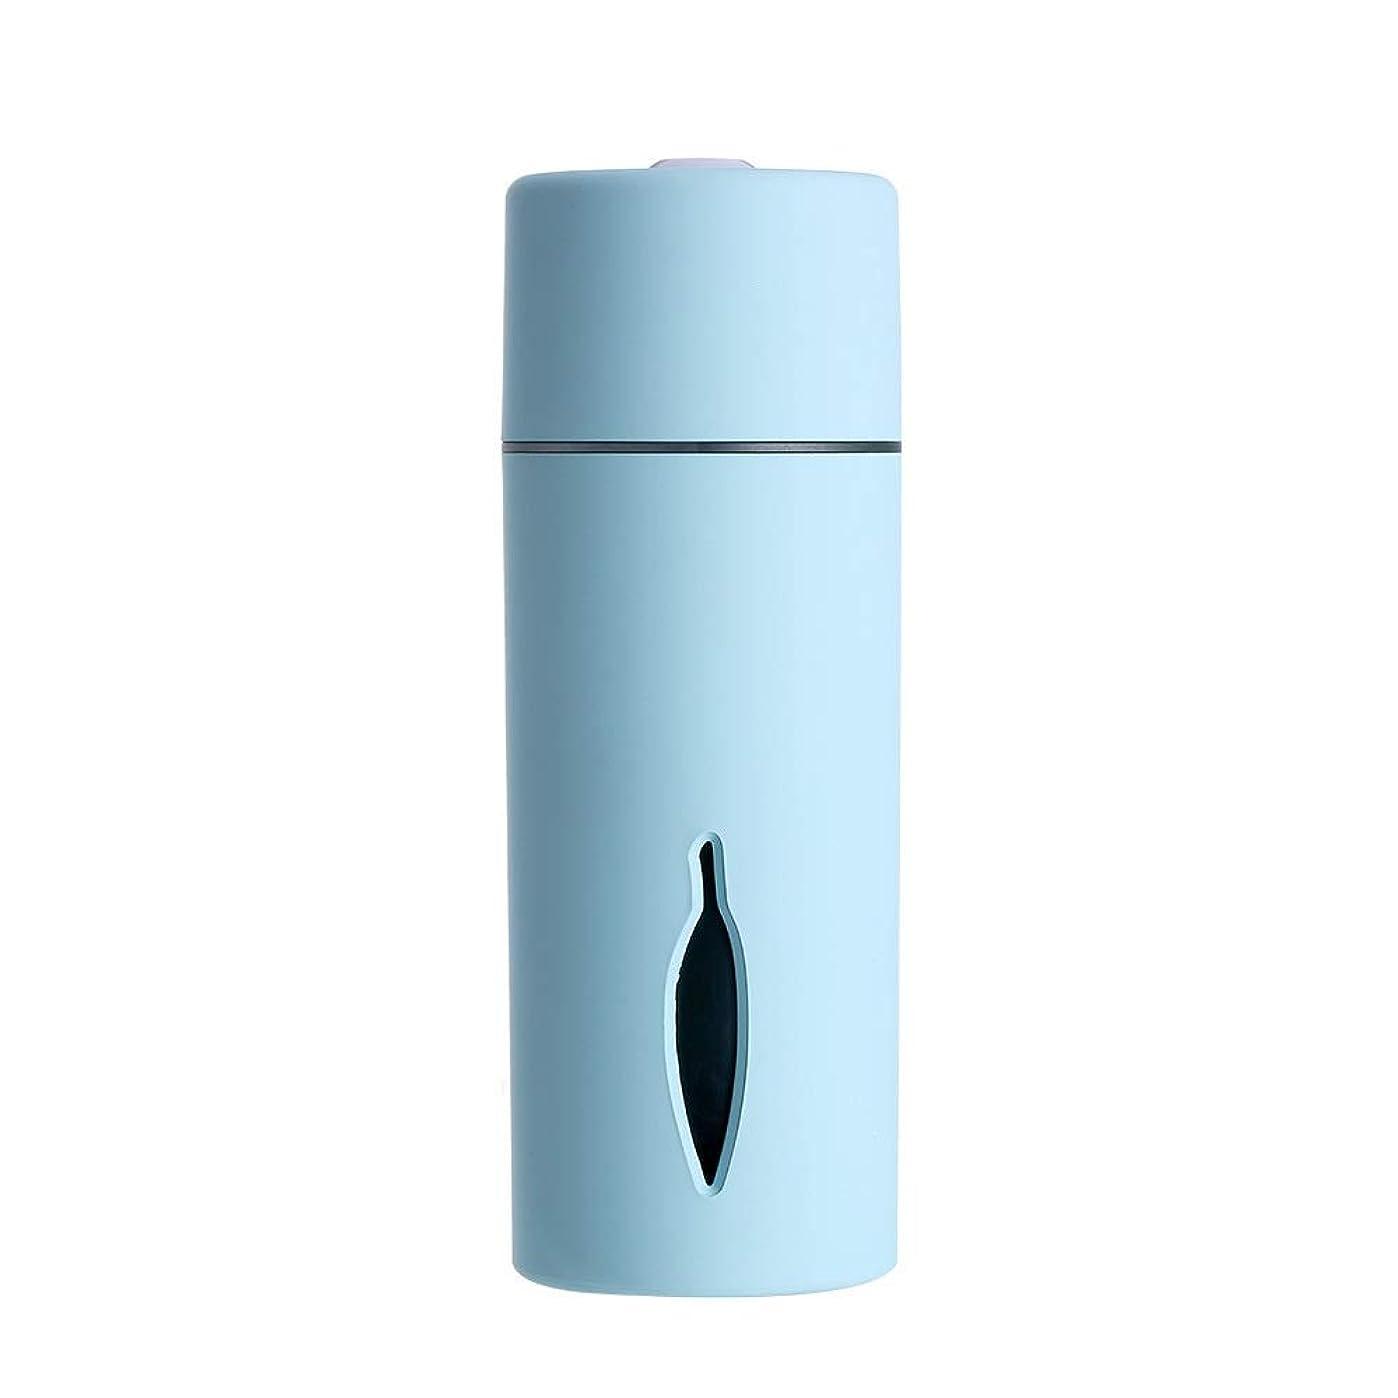 お香フルーツ特異なZXF クリエイティブ新しいカラフルな夜の光の葉加湿器usb車のミニホームスプレー楽器水道メーターブルーセクションピンク 滑らかである (色 : Blue)